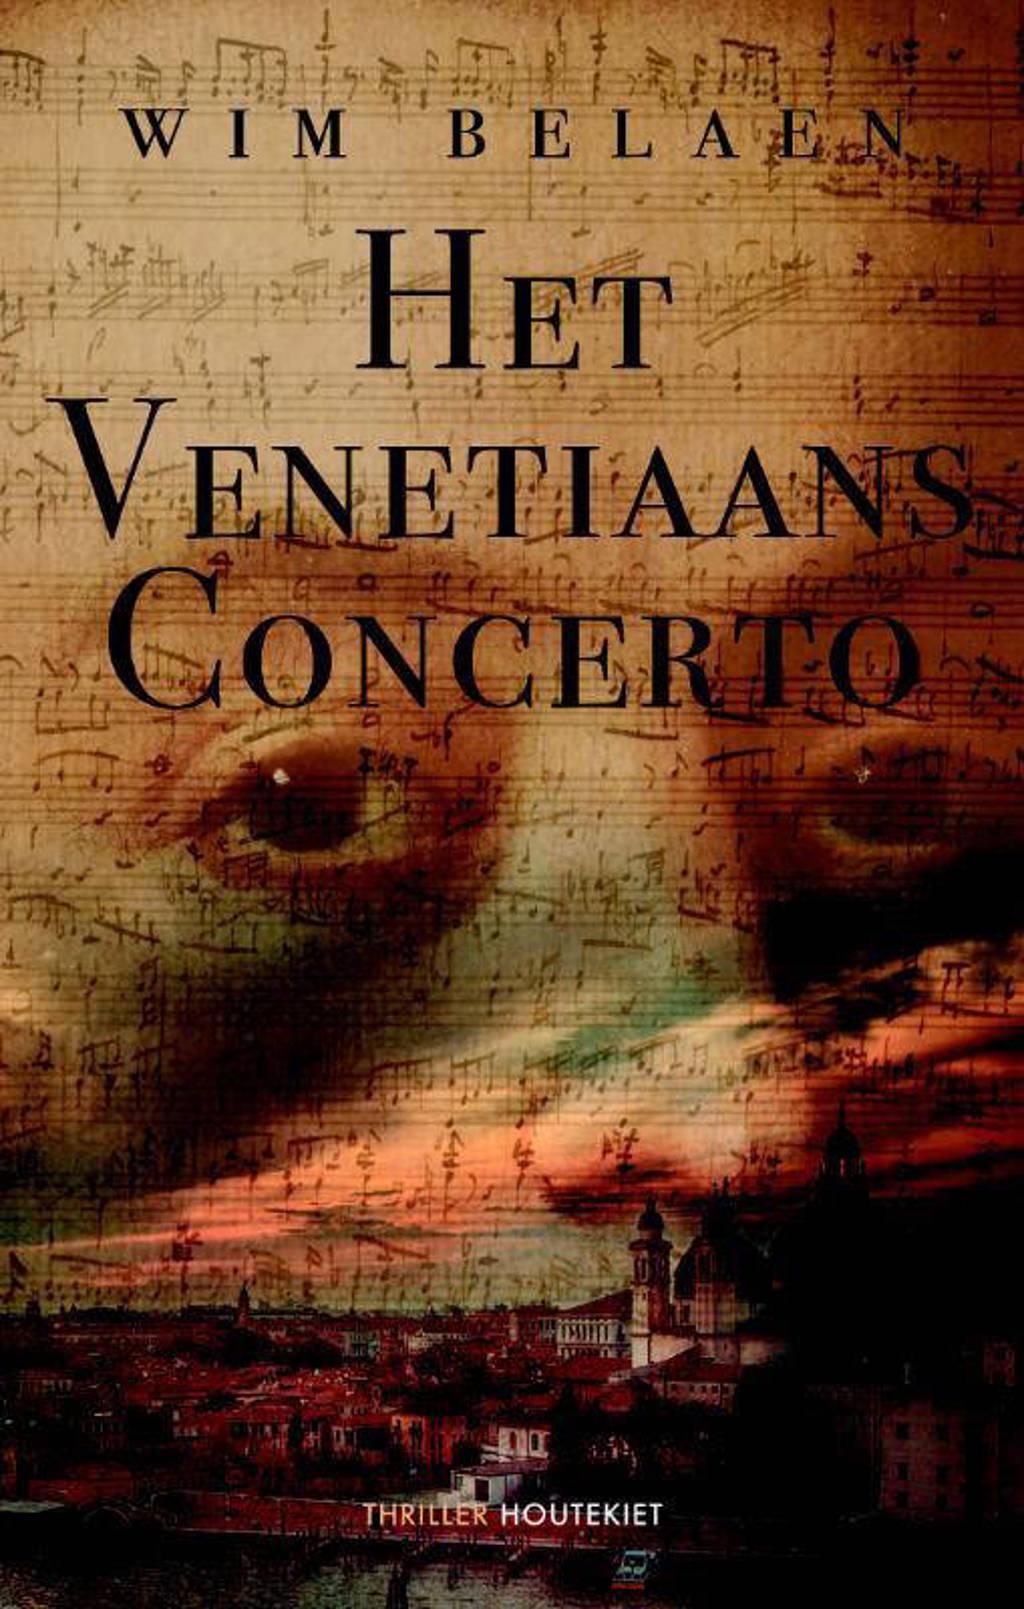 Het Venetiaans concerto - Wim Belaen